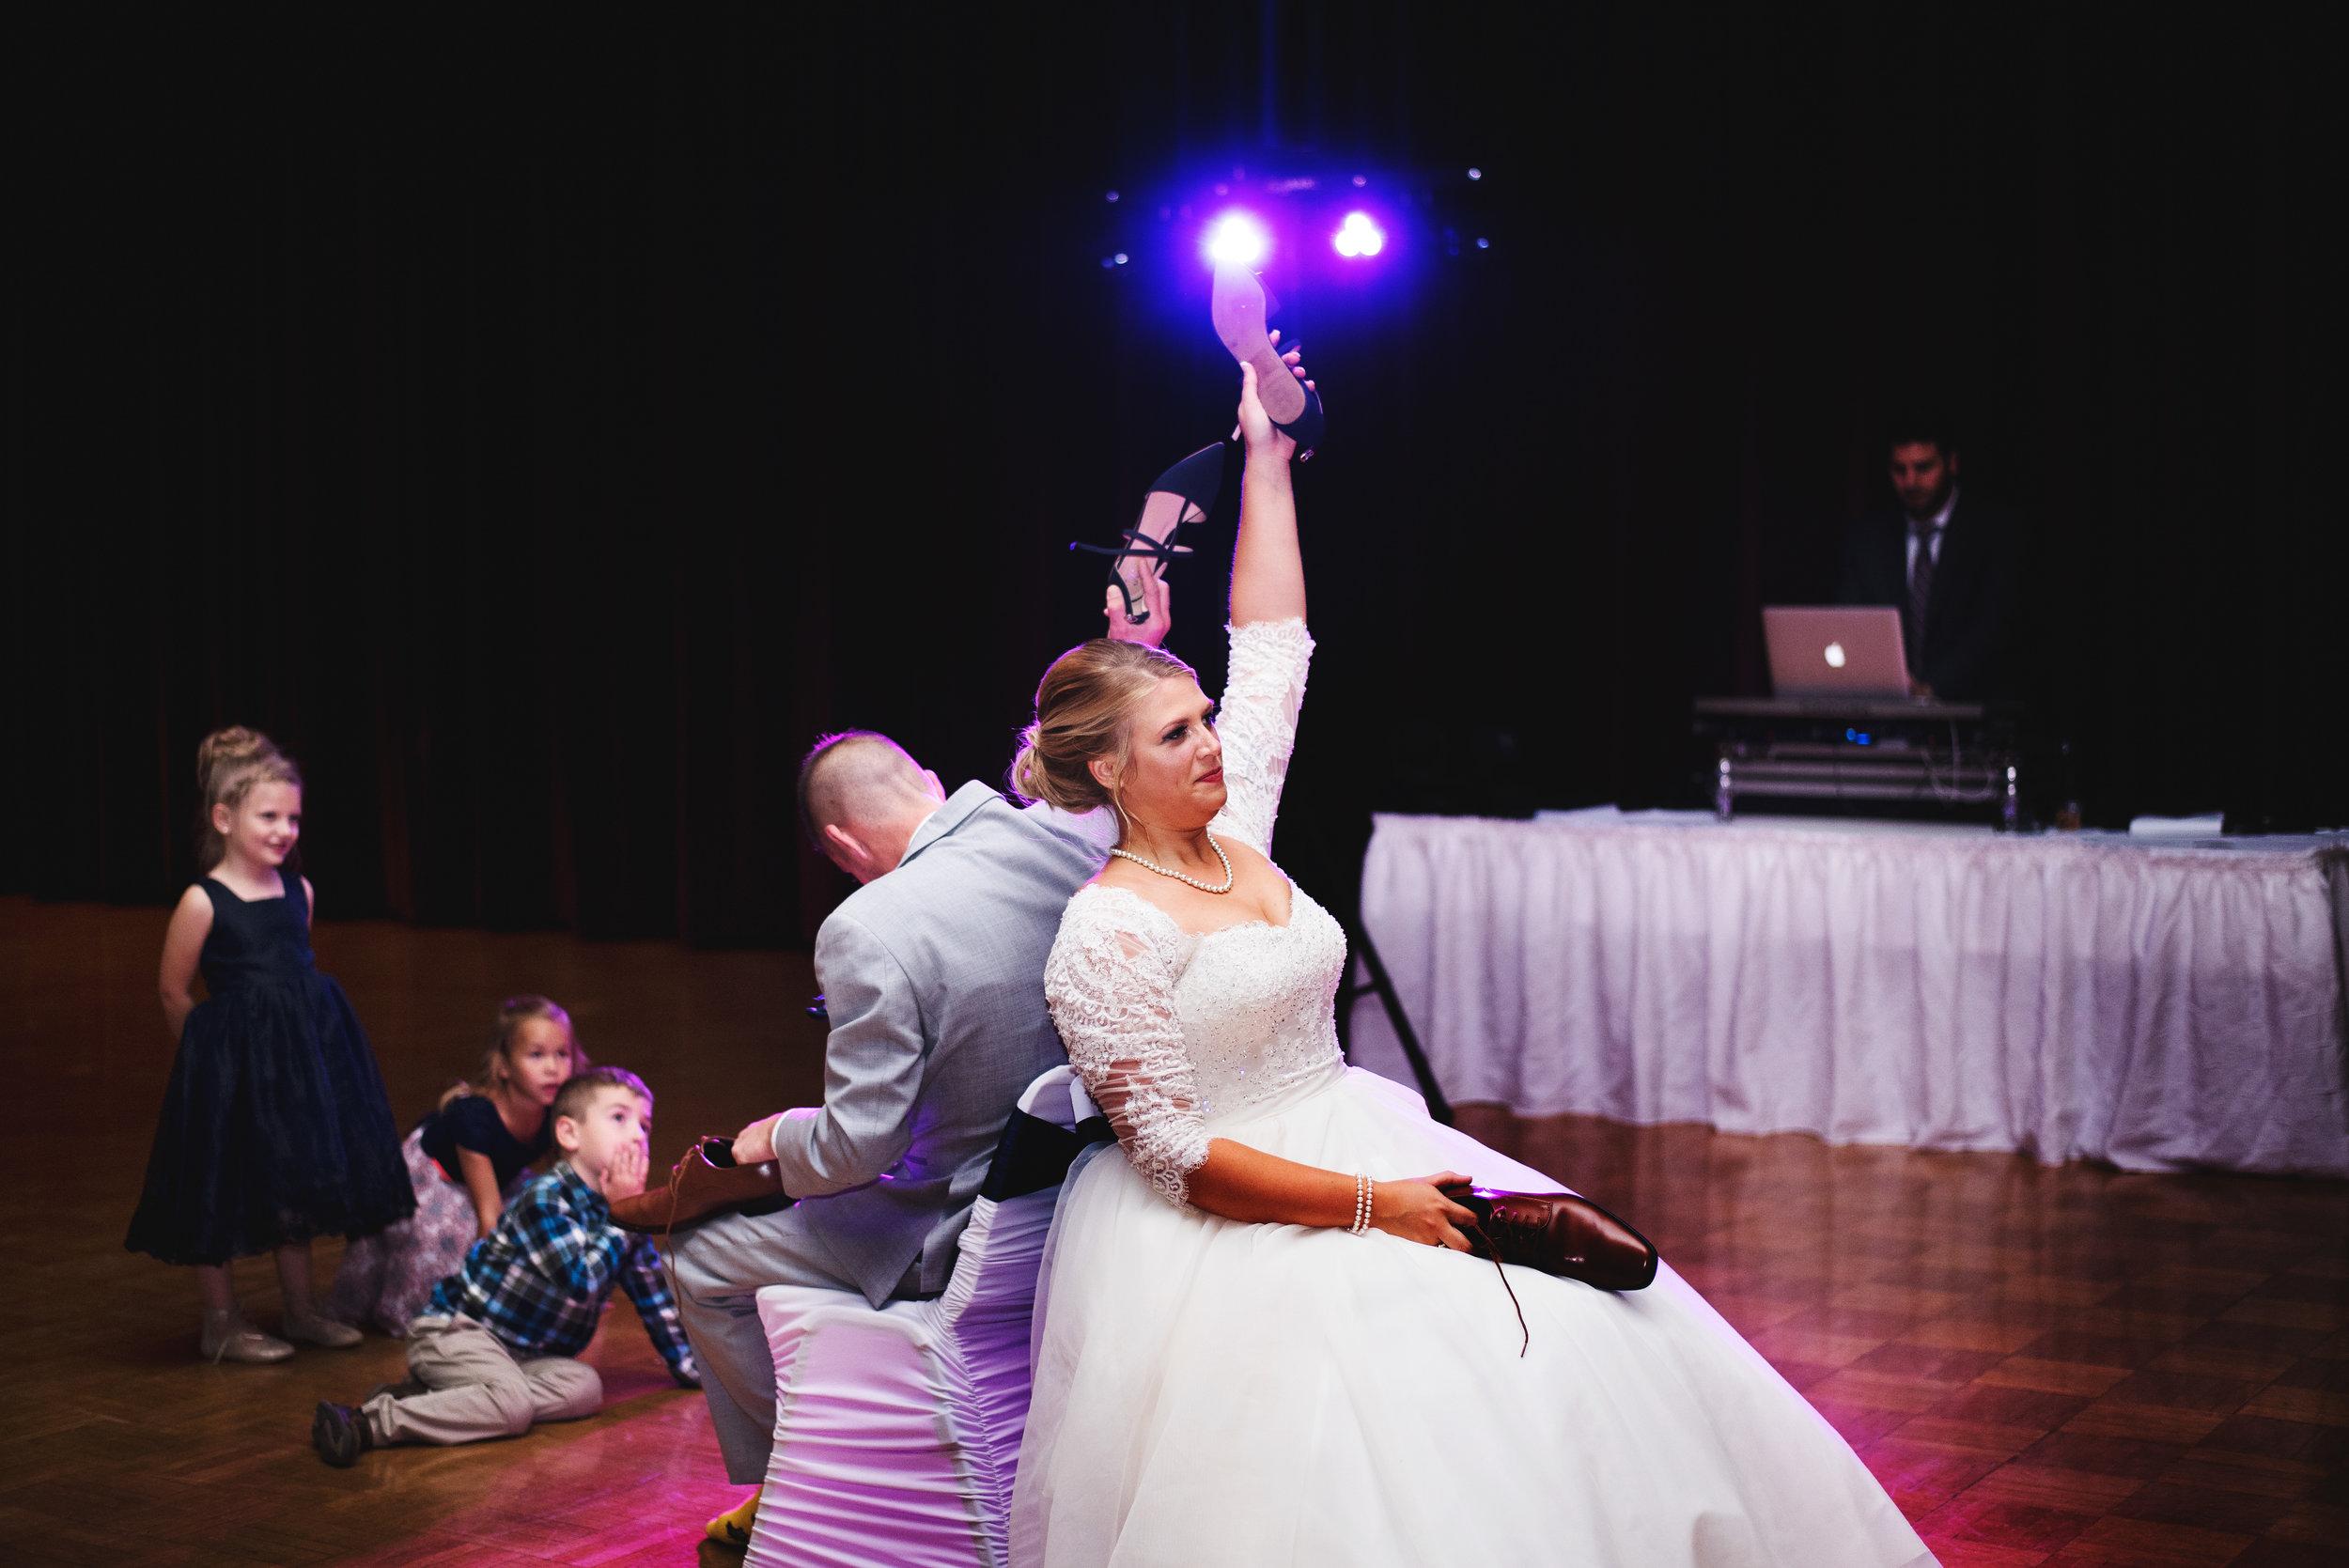 King-Northern-Illinois-University-Wedding166.jpg